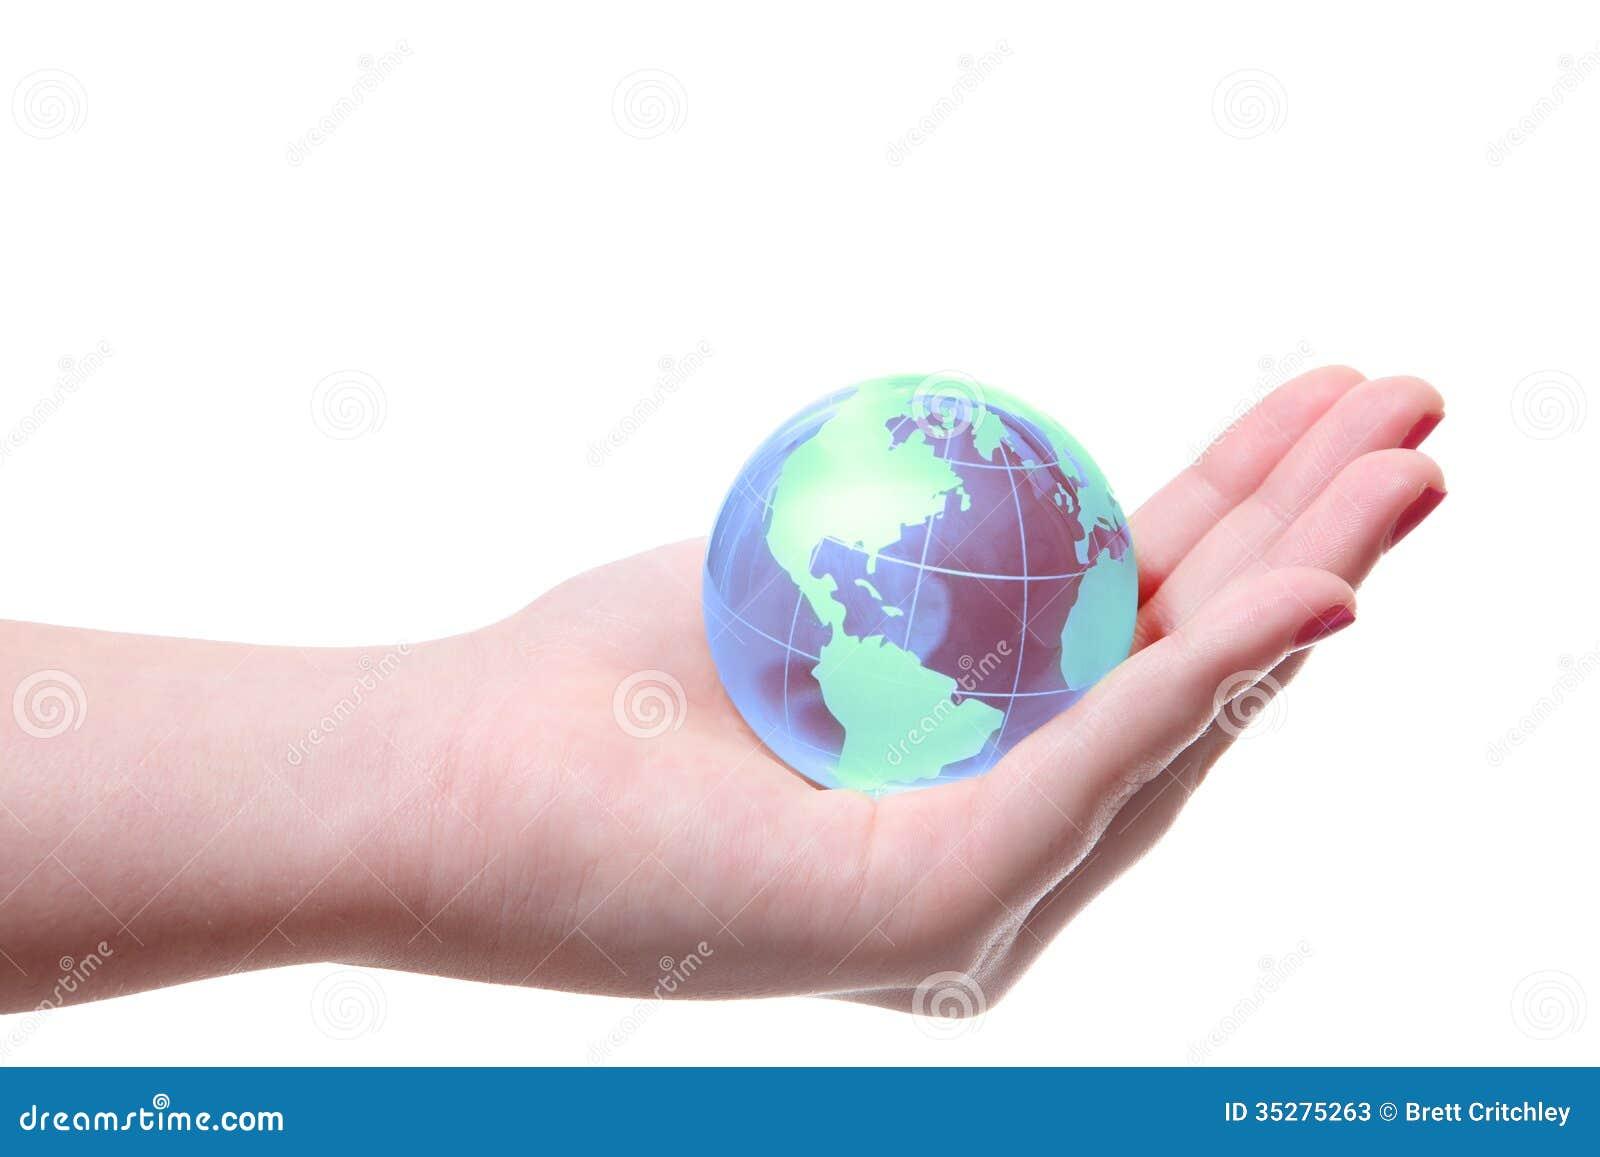 World globe in hand